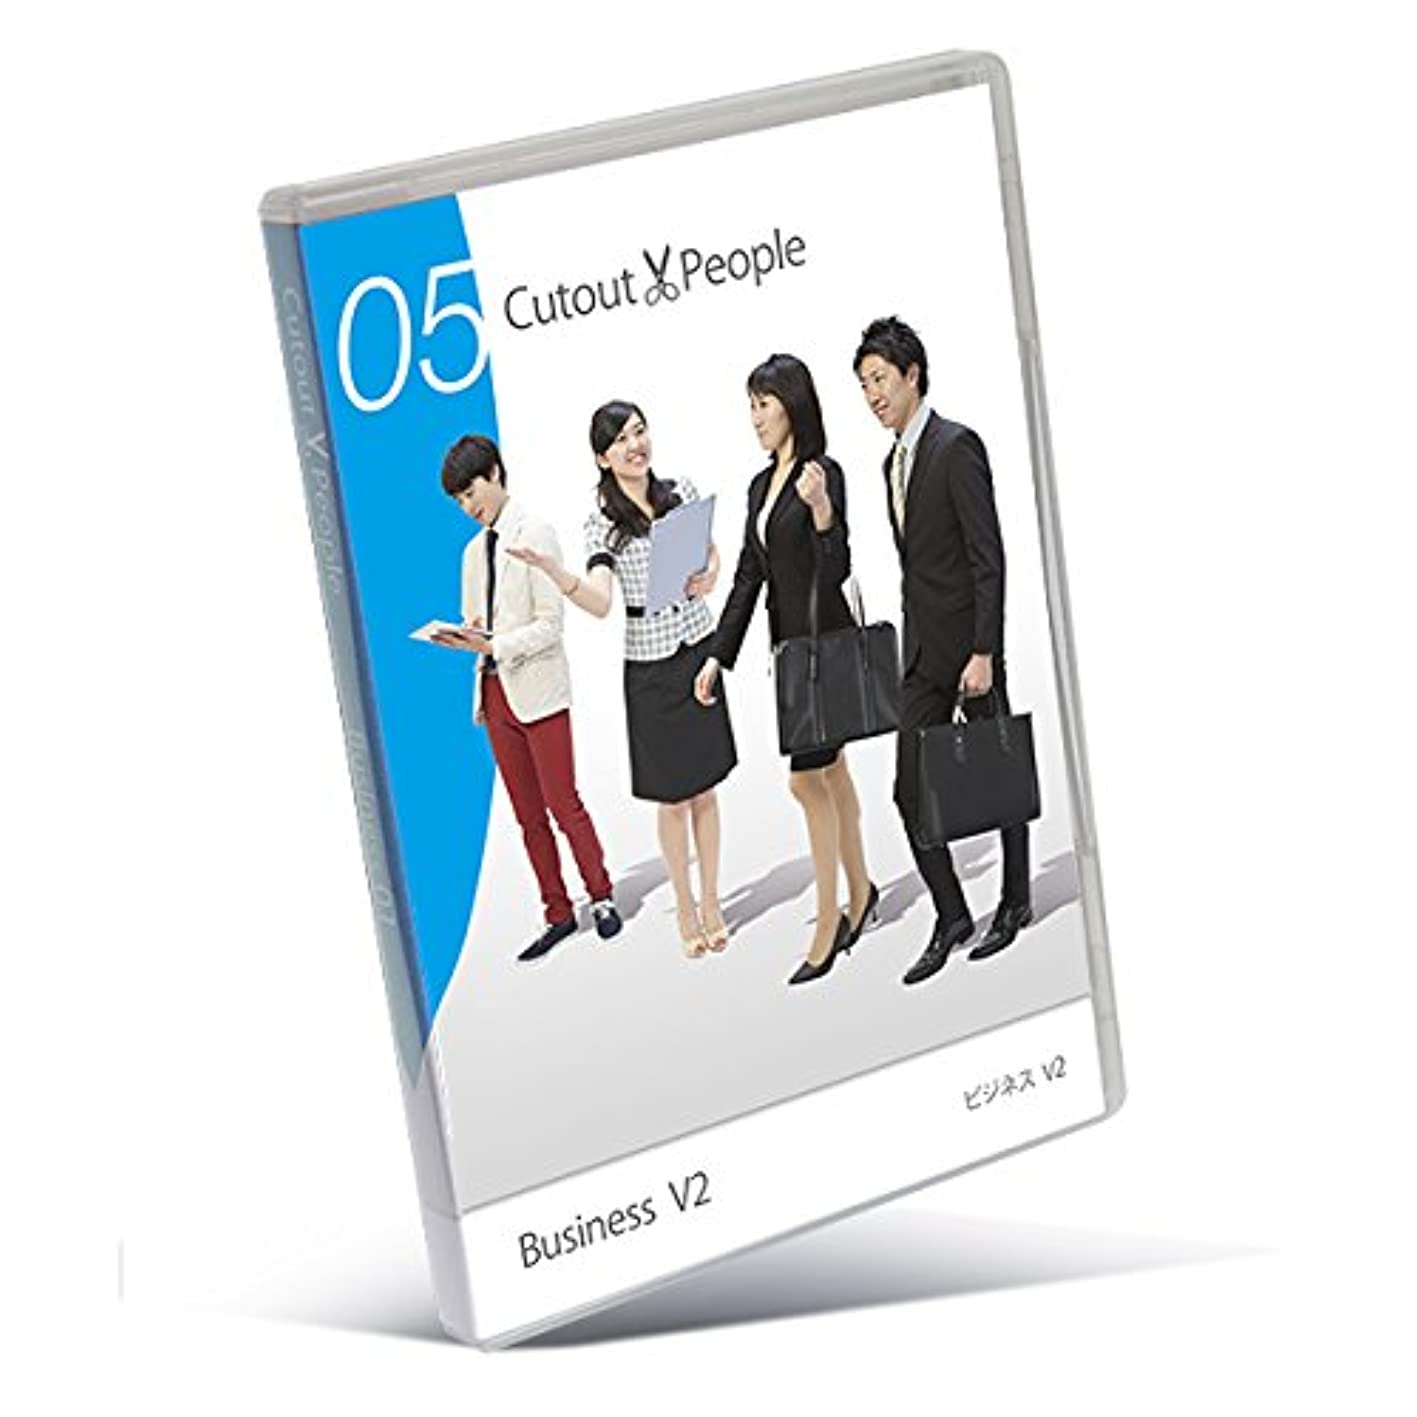 Cutout People 05 ビジネスV2